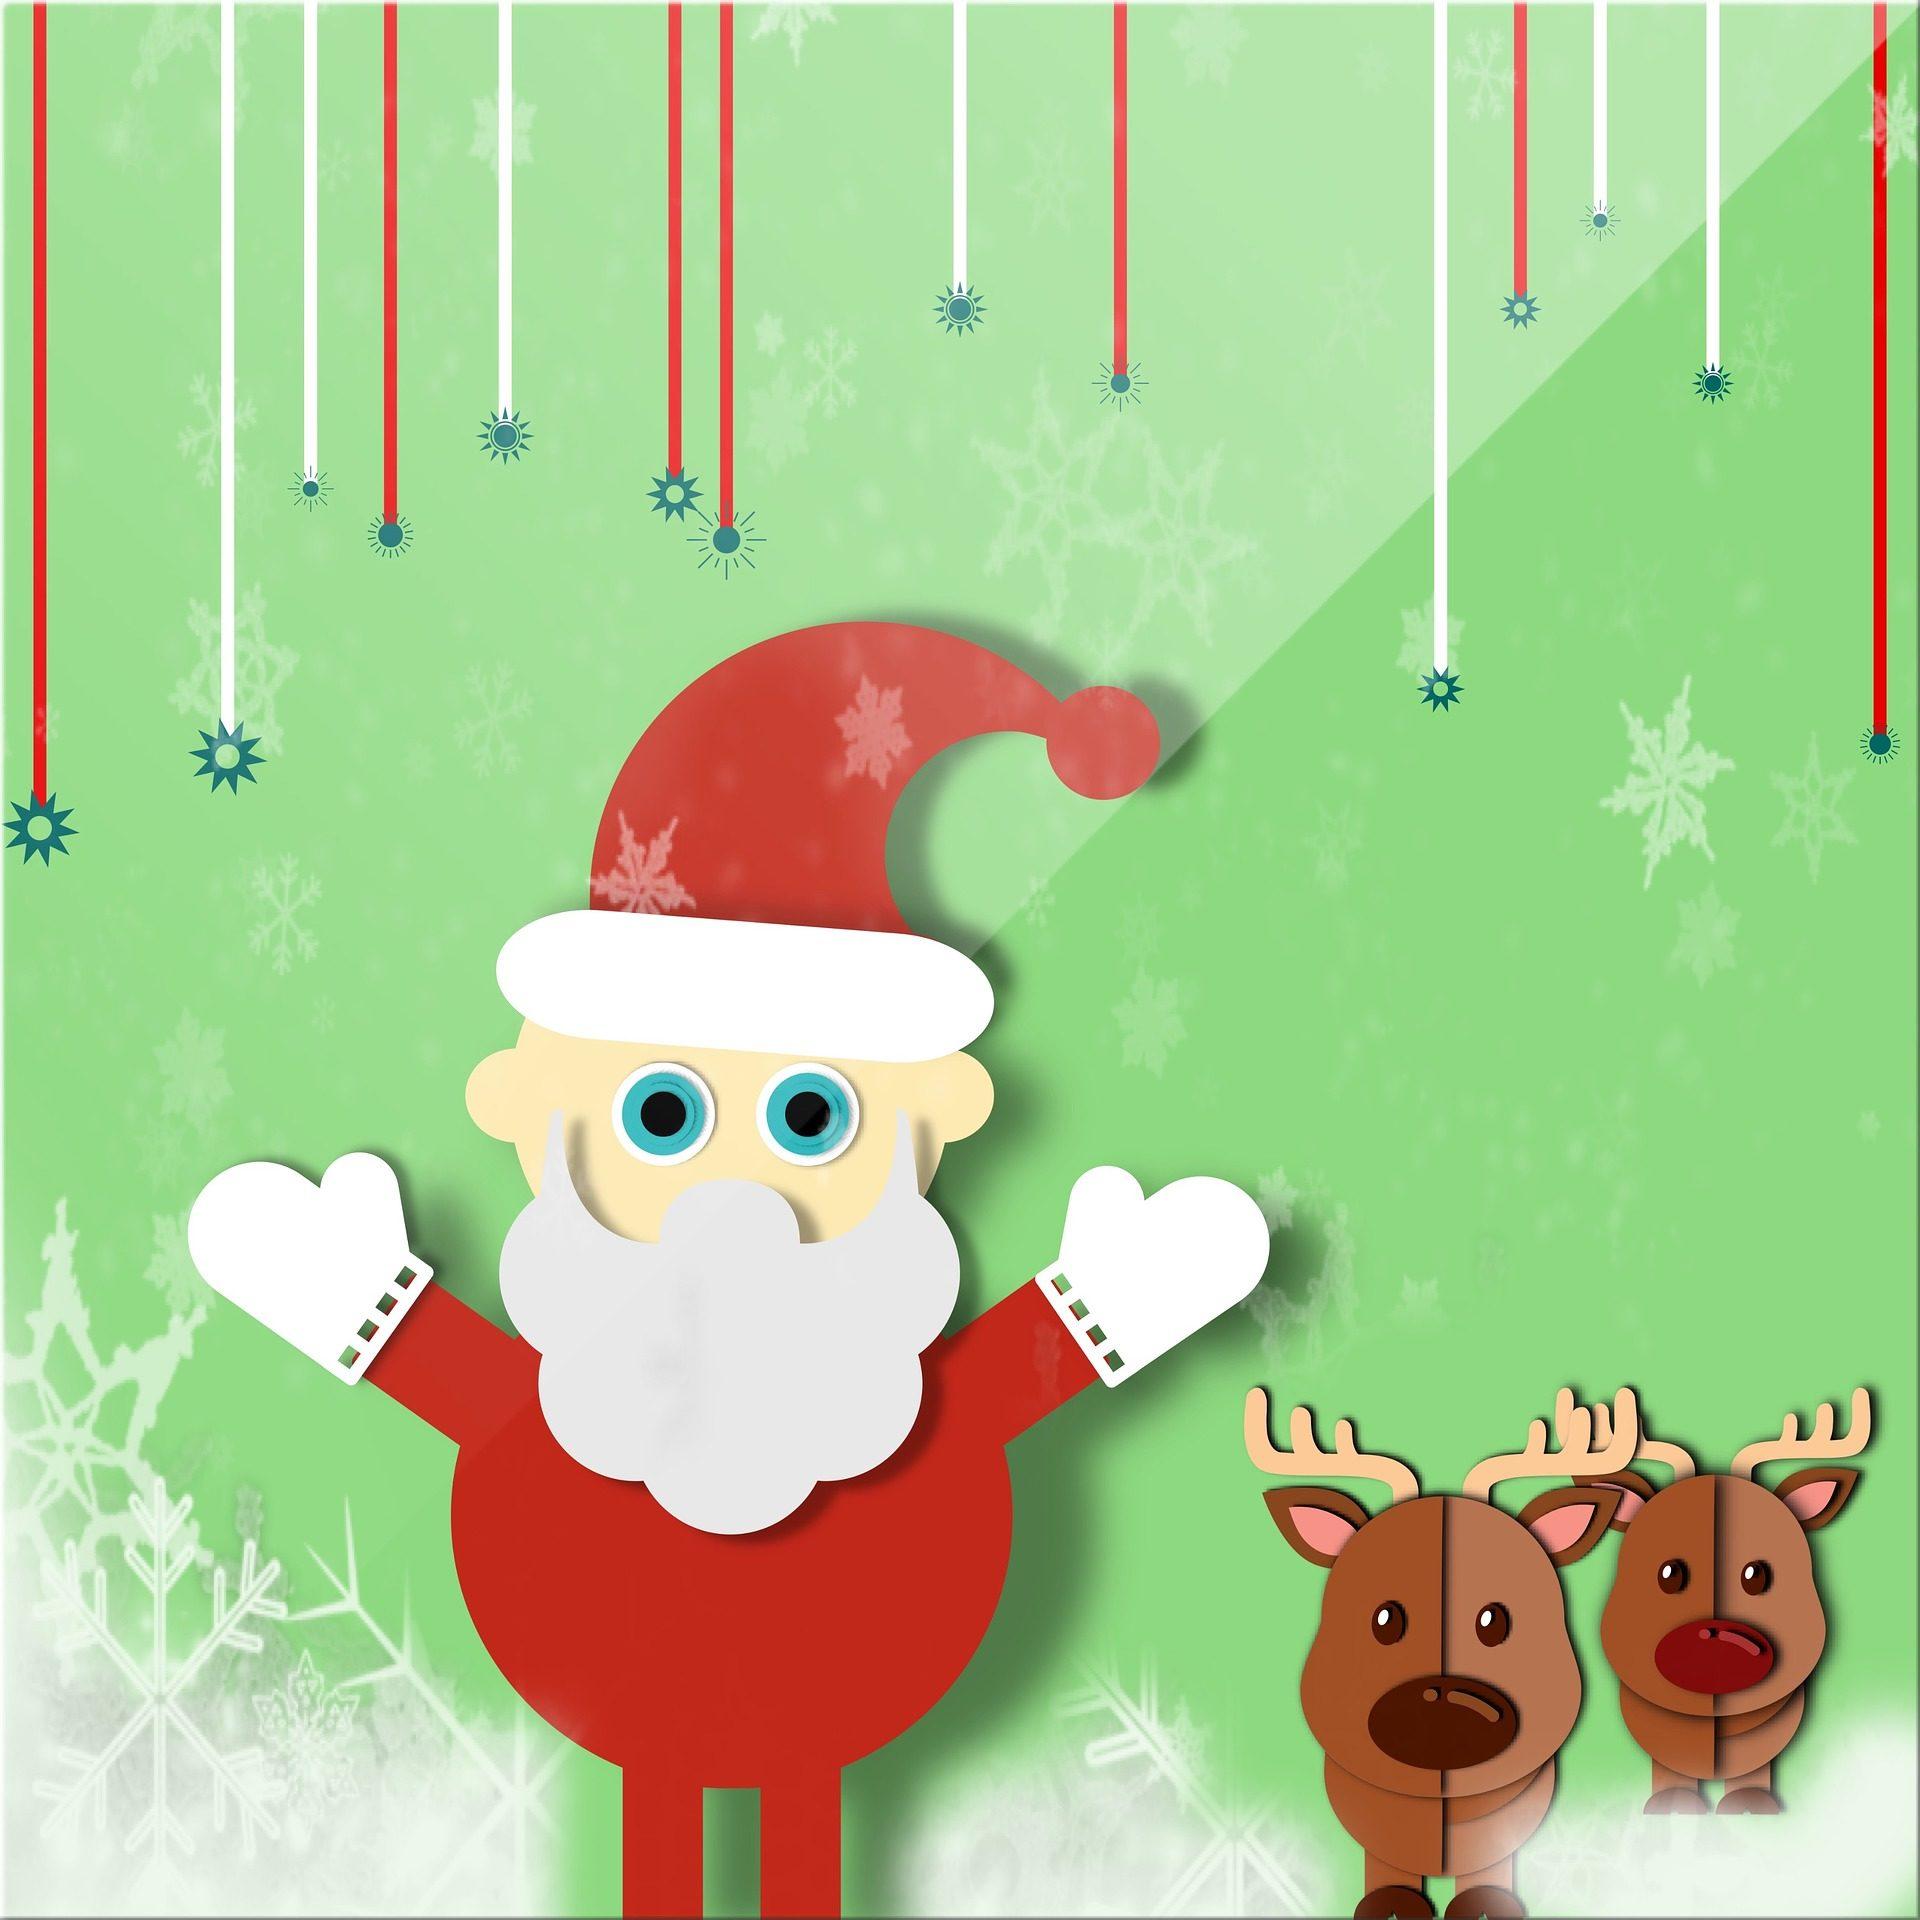 サンタ クロース, パパノエル, トナカイ, カード, ご挨拶, 雪, クリスマス - HD の壁紙 - 教授-falken.com